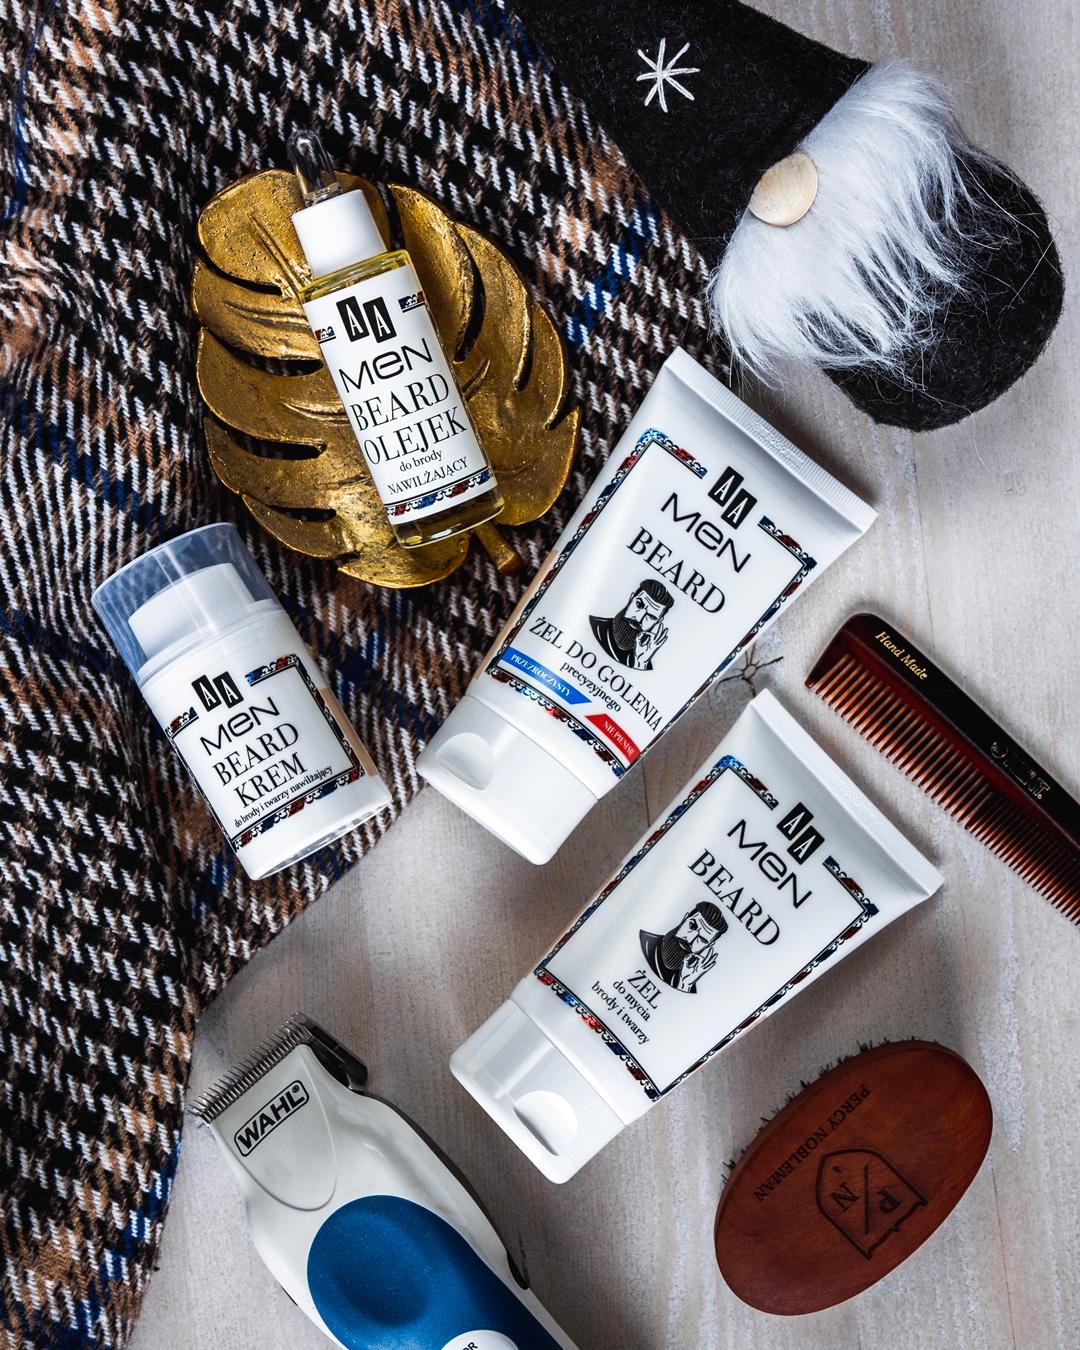 AA MEN BEARD: Żel do mycia brody i twarzy; Innowacyjny żel do precyzyjnego golenia; Olejek nawilżający do brody; Krem nawilżający do brody i twarzy; recenzja; opinia; kosmetyki; blog